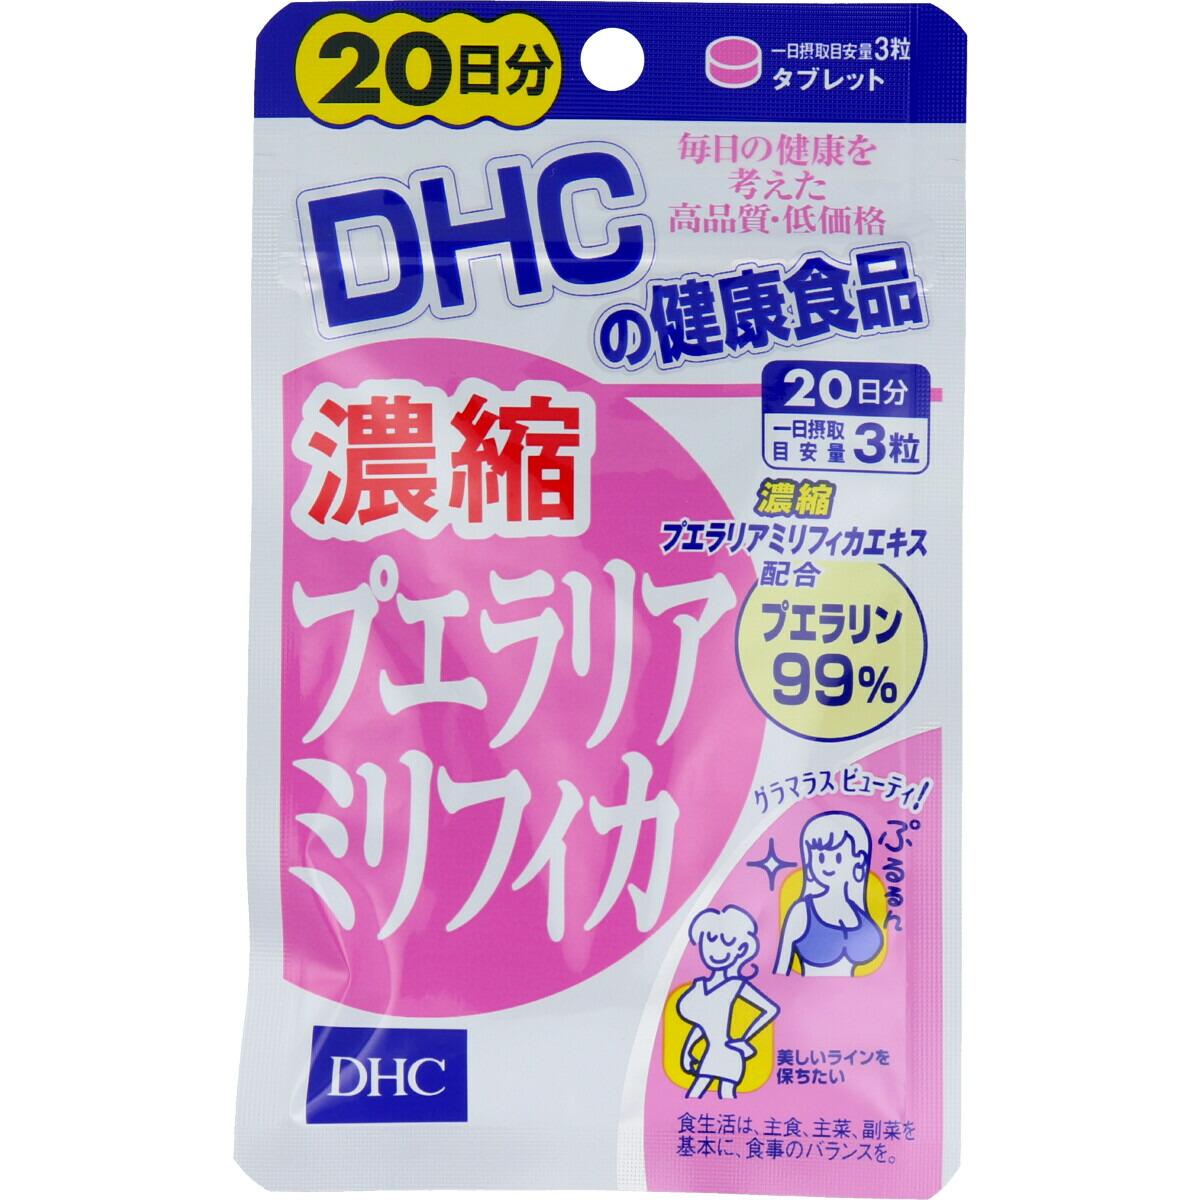 【送料無料】【3個セット】DHC 濃縮プエラリアミリフィカ 20日分 60粒入 サプリメント プエラリア 美容 美容サプリ ハーブ 健康食品  健康【代引不可】